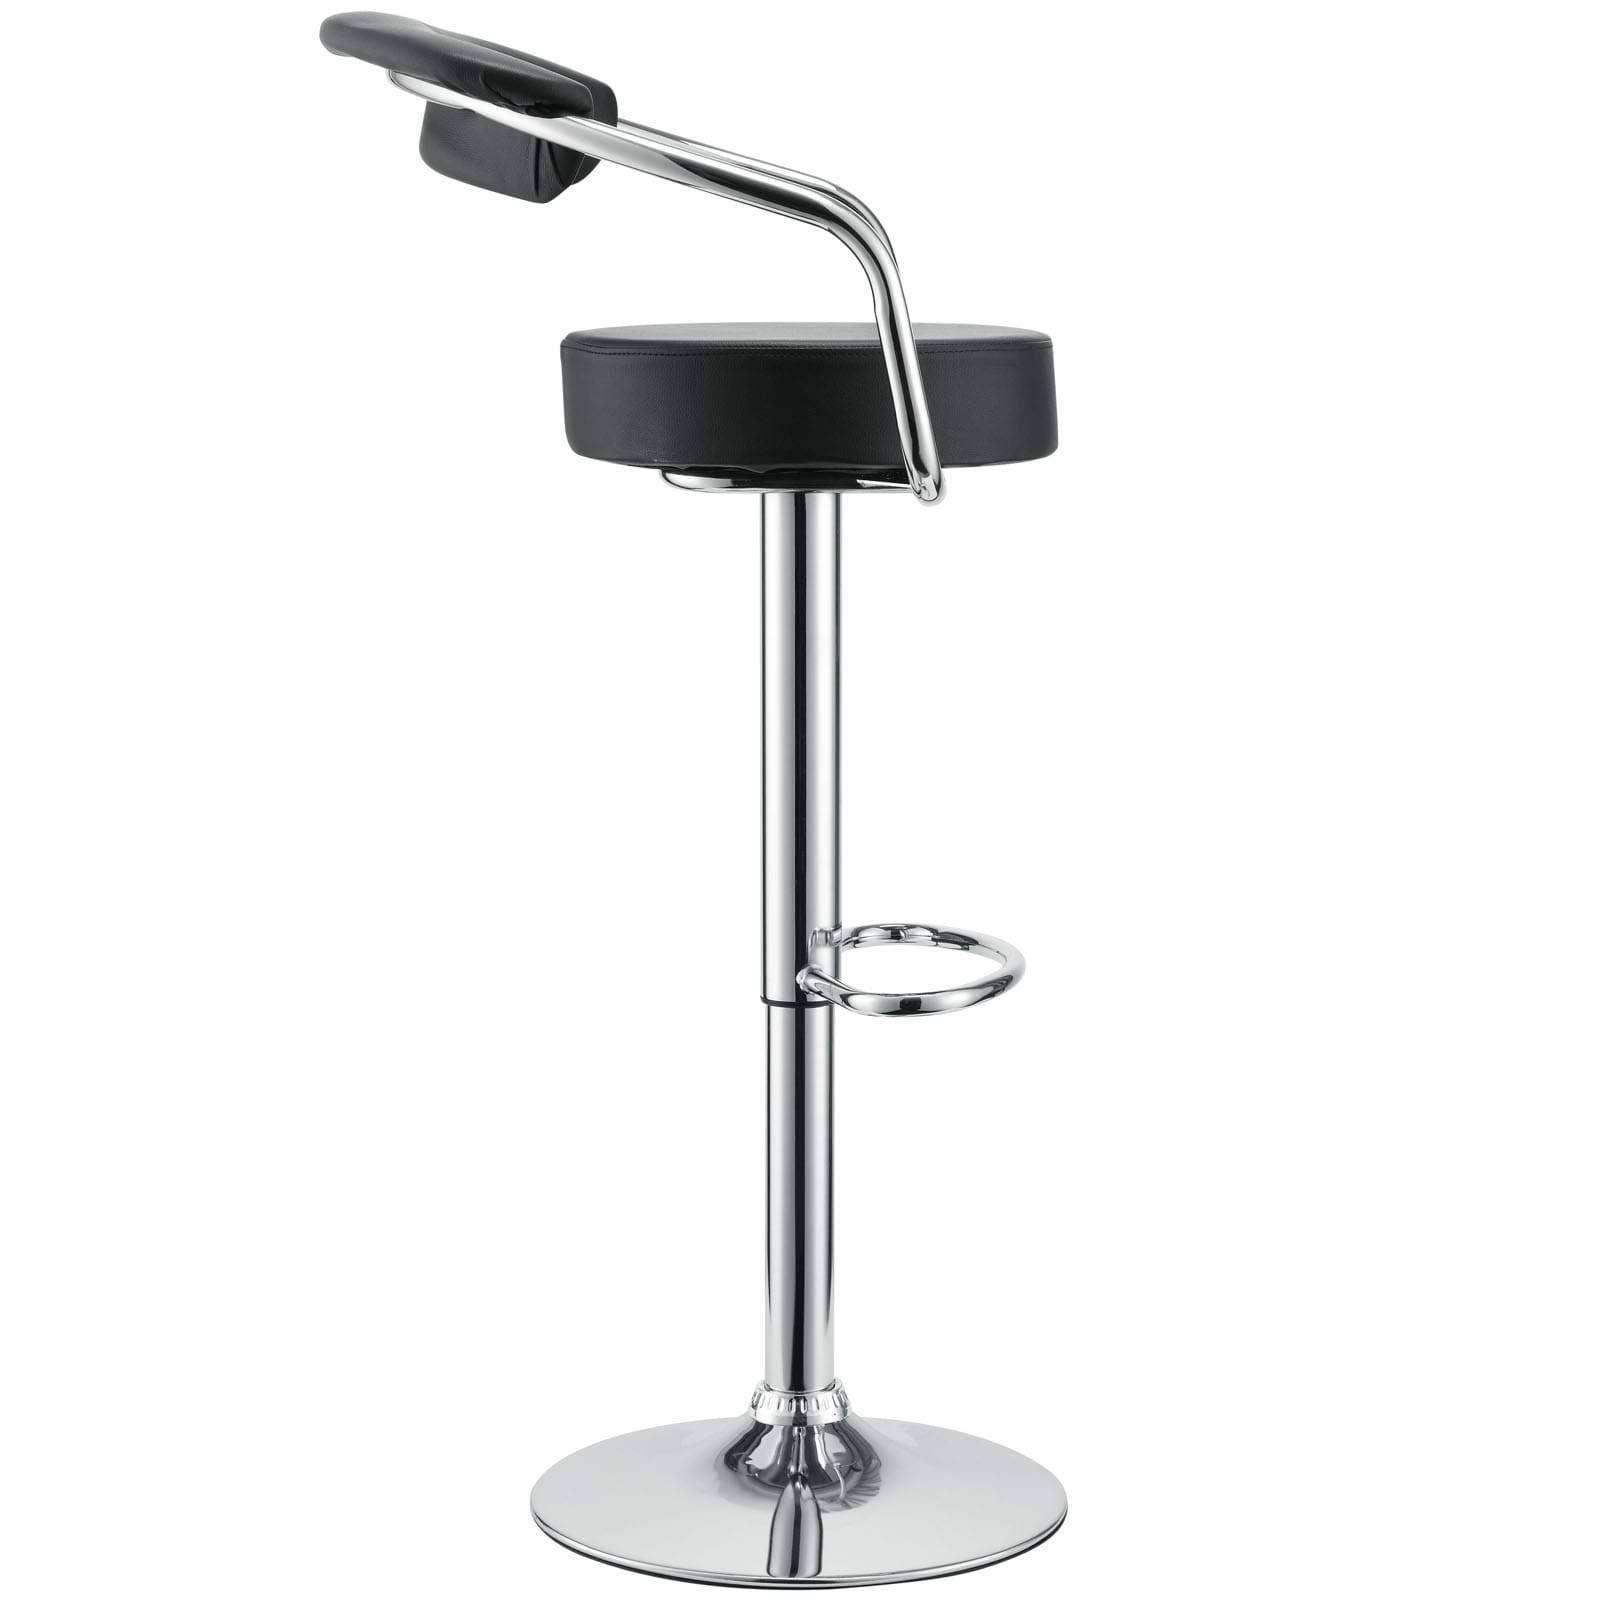 modterior bar bar stools diner bar stool set of 3. Black Bedroom Furniture Sets. Home Design Ideas